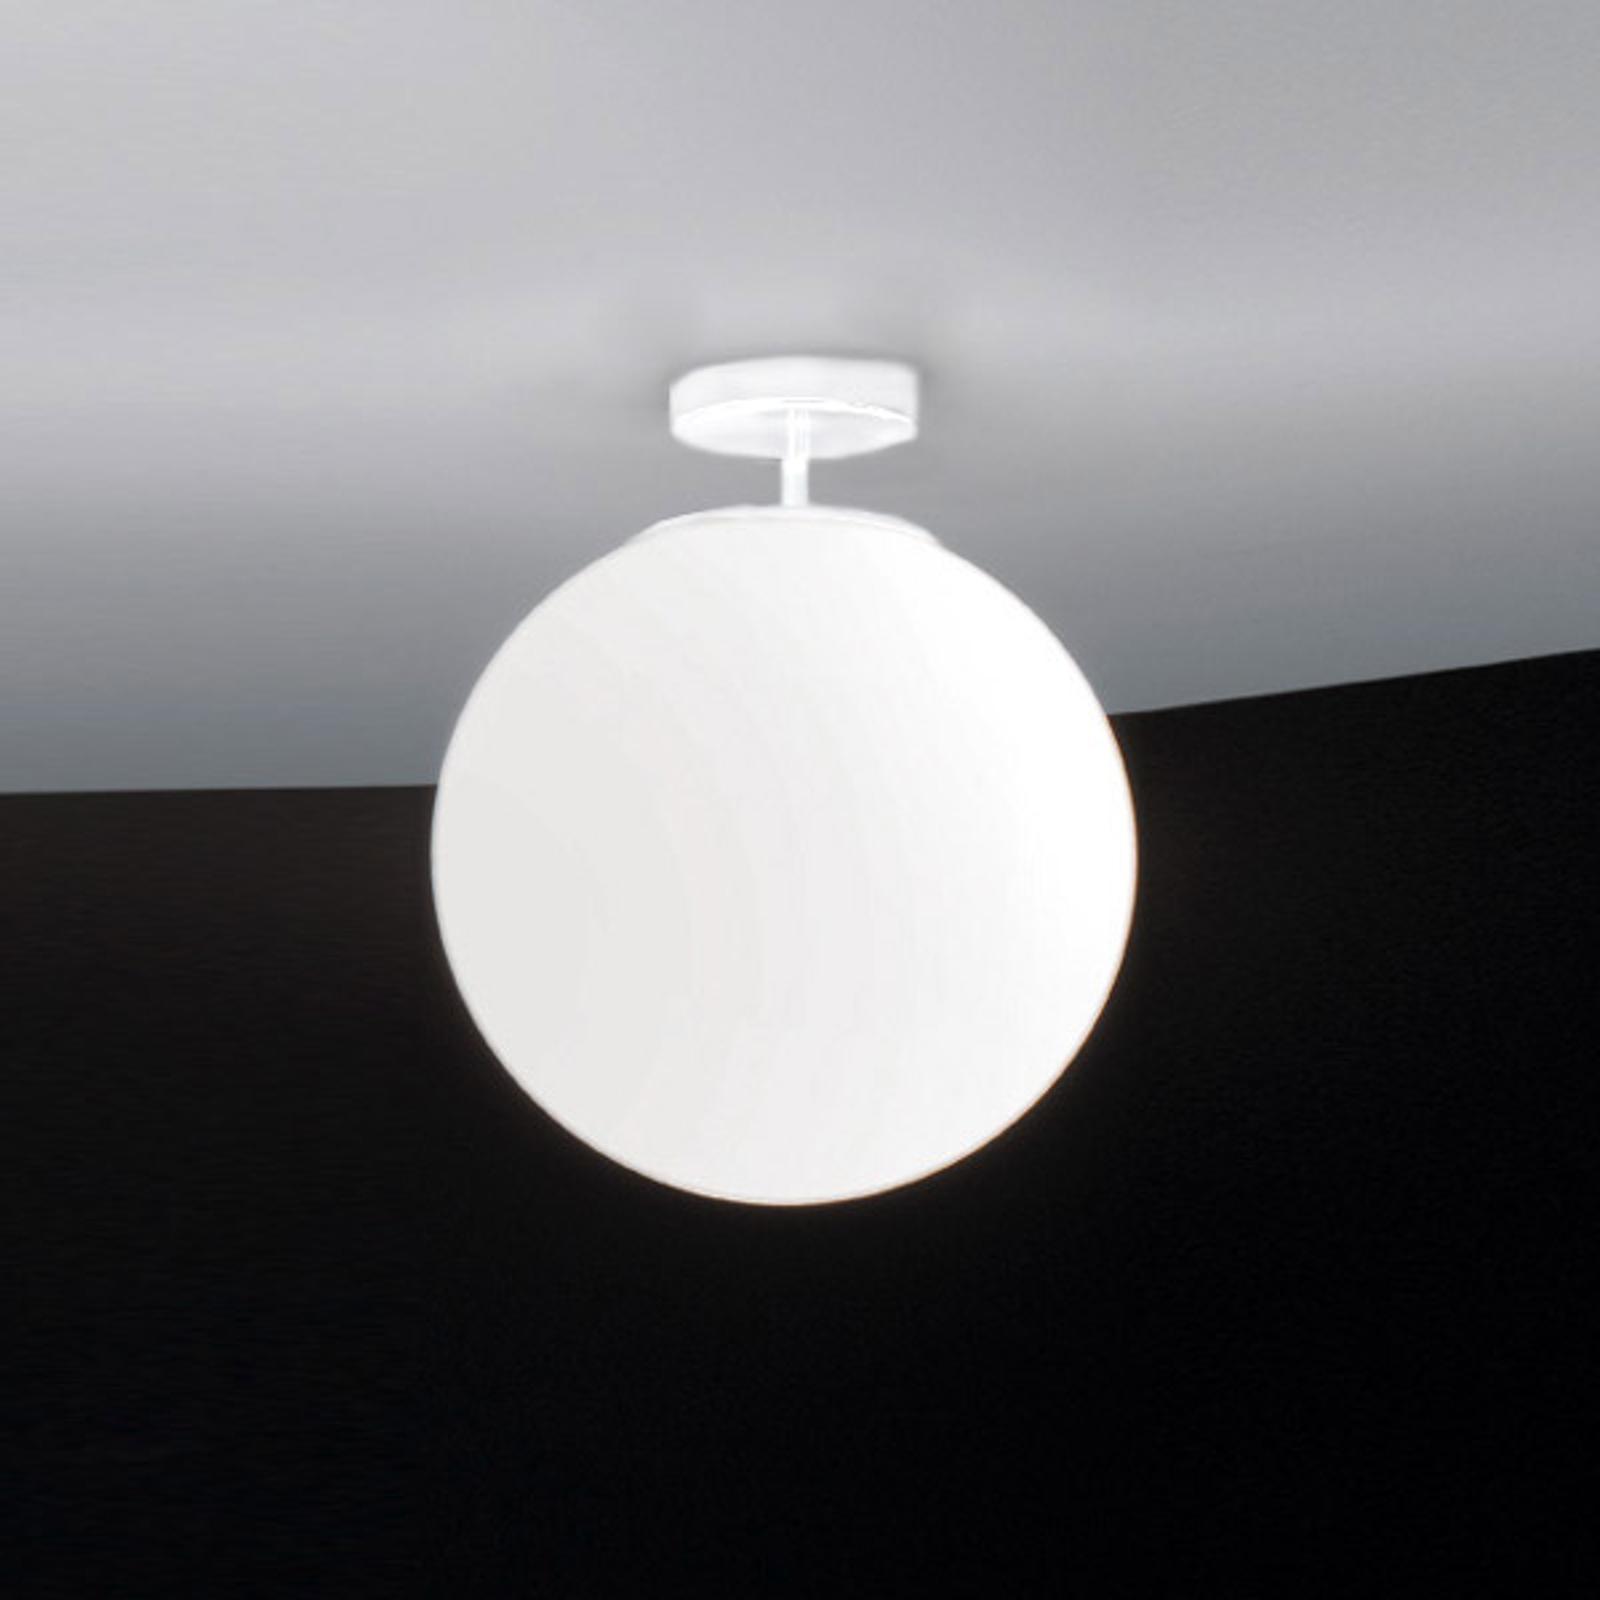 Skleněné stropní světlo Sferis, 30 cm, bílé